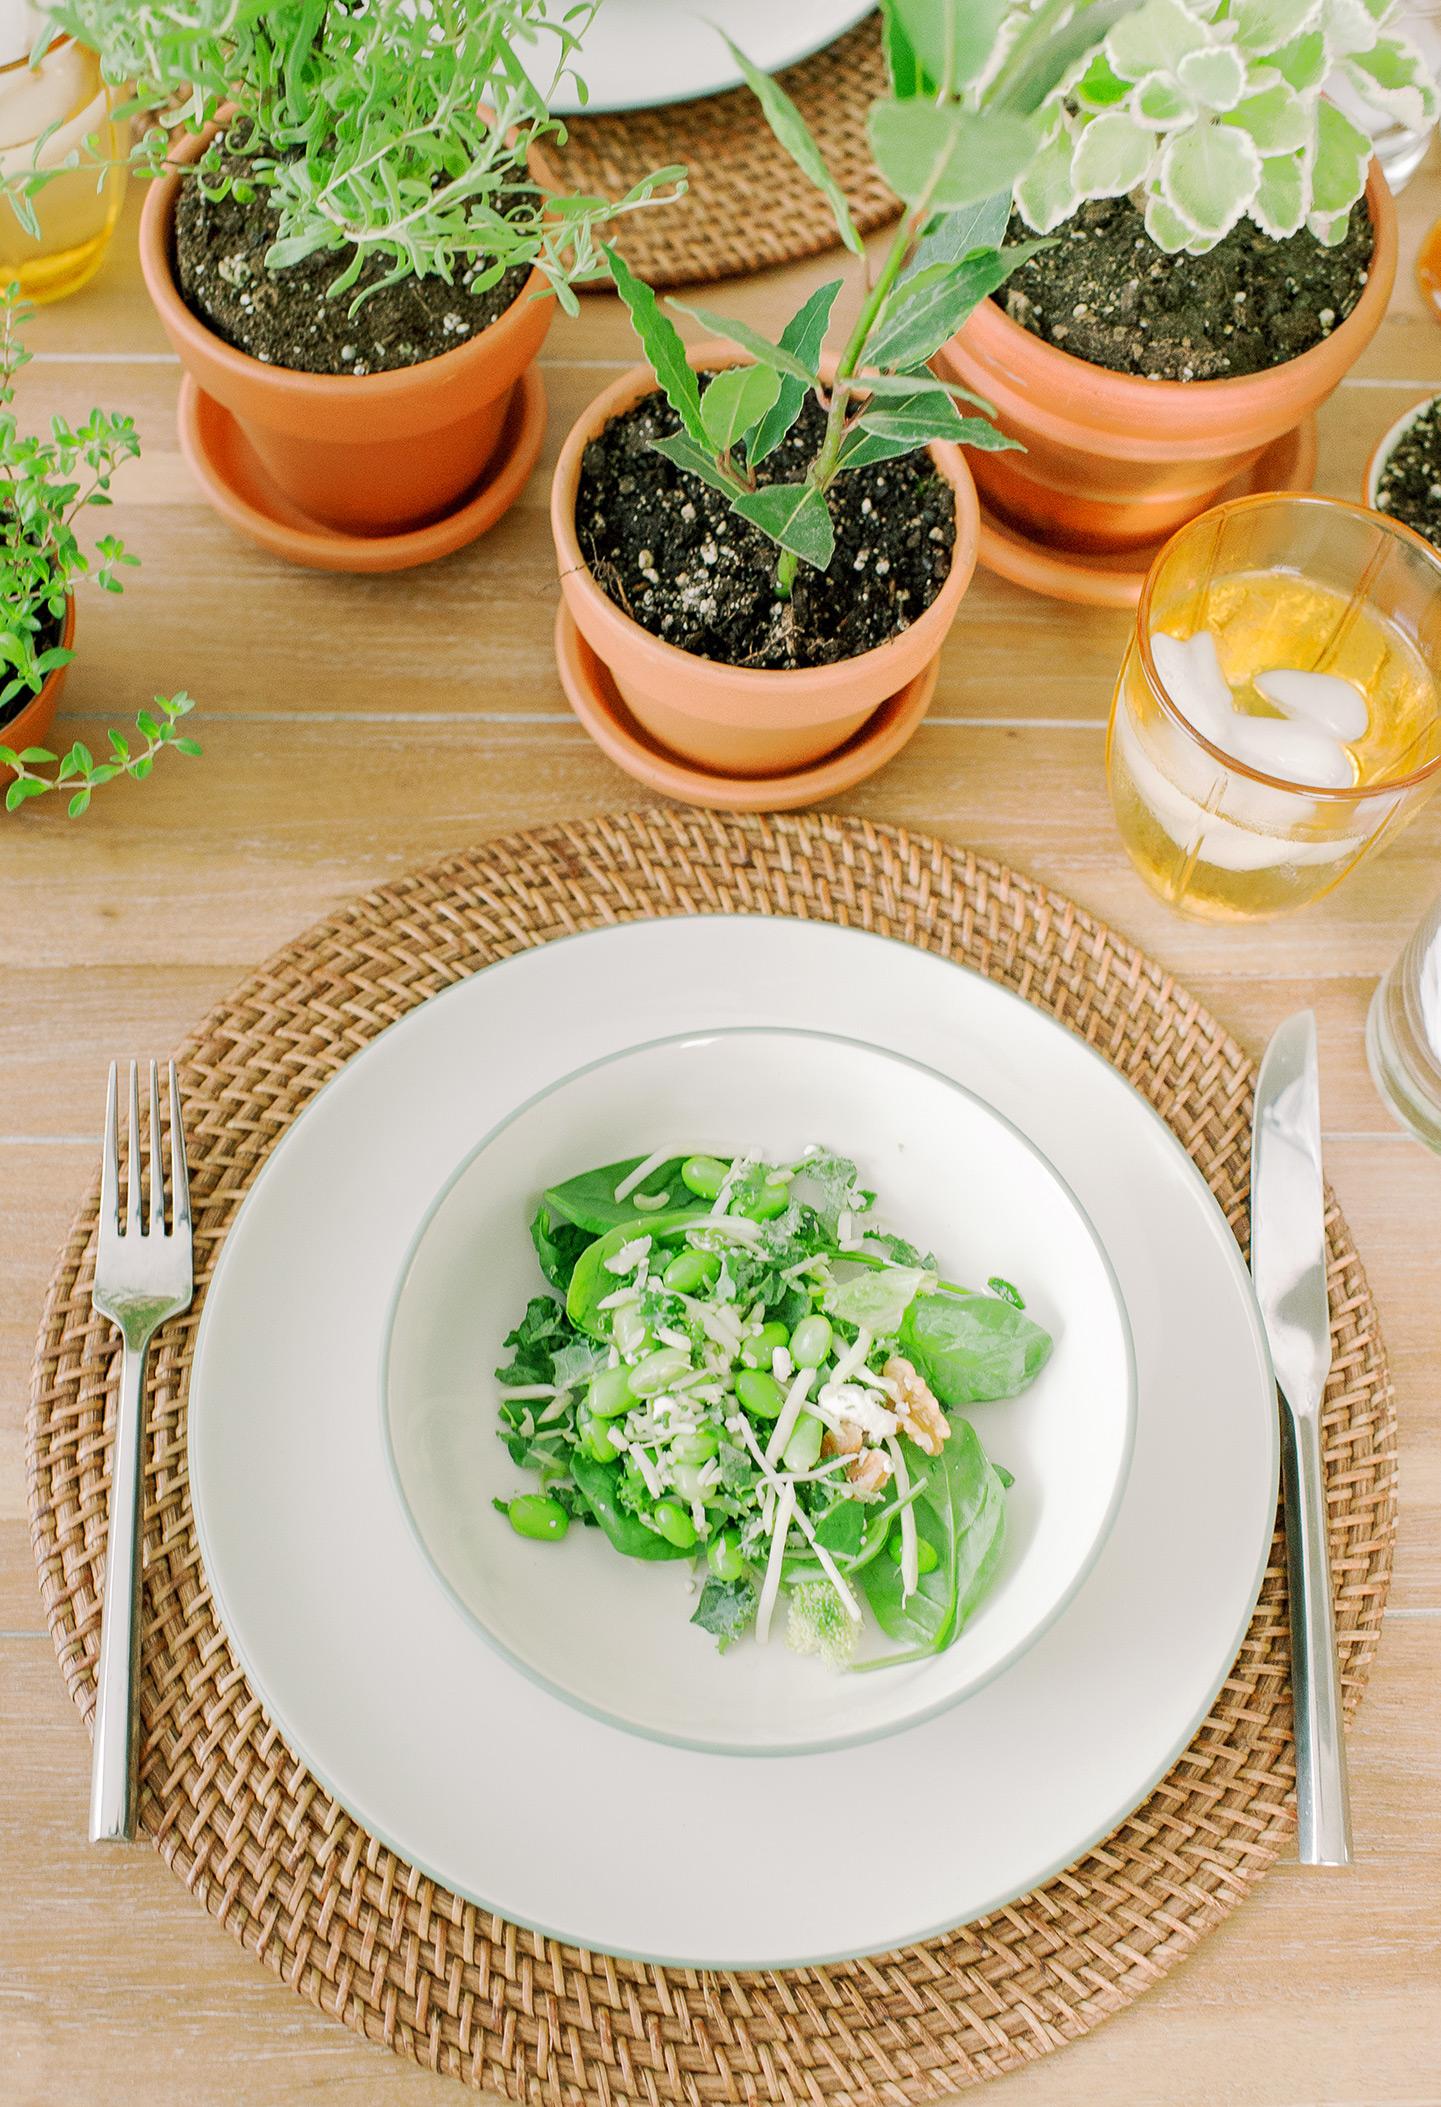 Green Salad from Trader Joe's